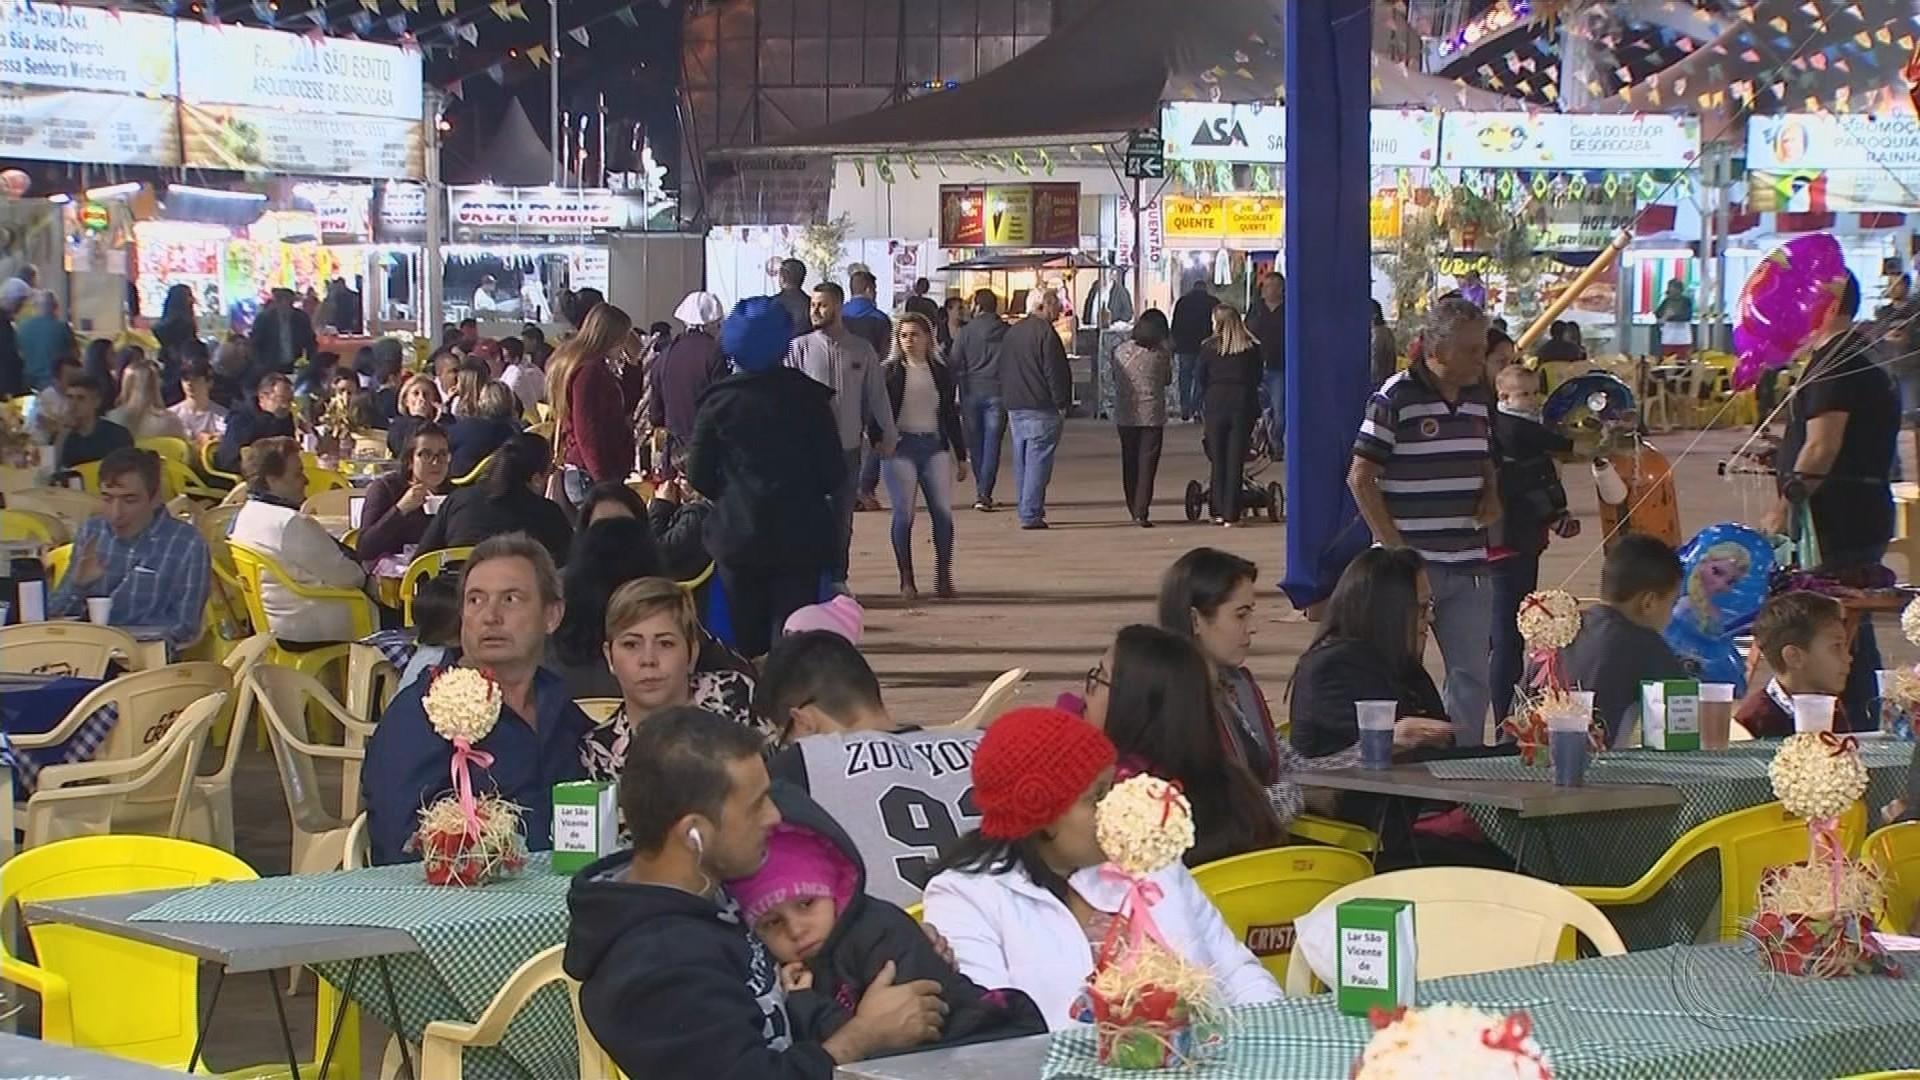 73c096a5e Assista aos vídeos do telejornal com as notícias das regiões de Sorocaba